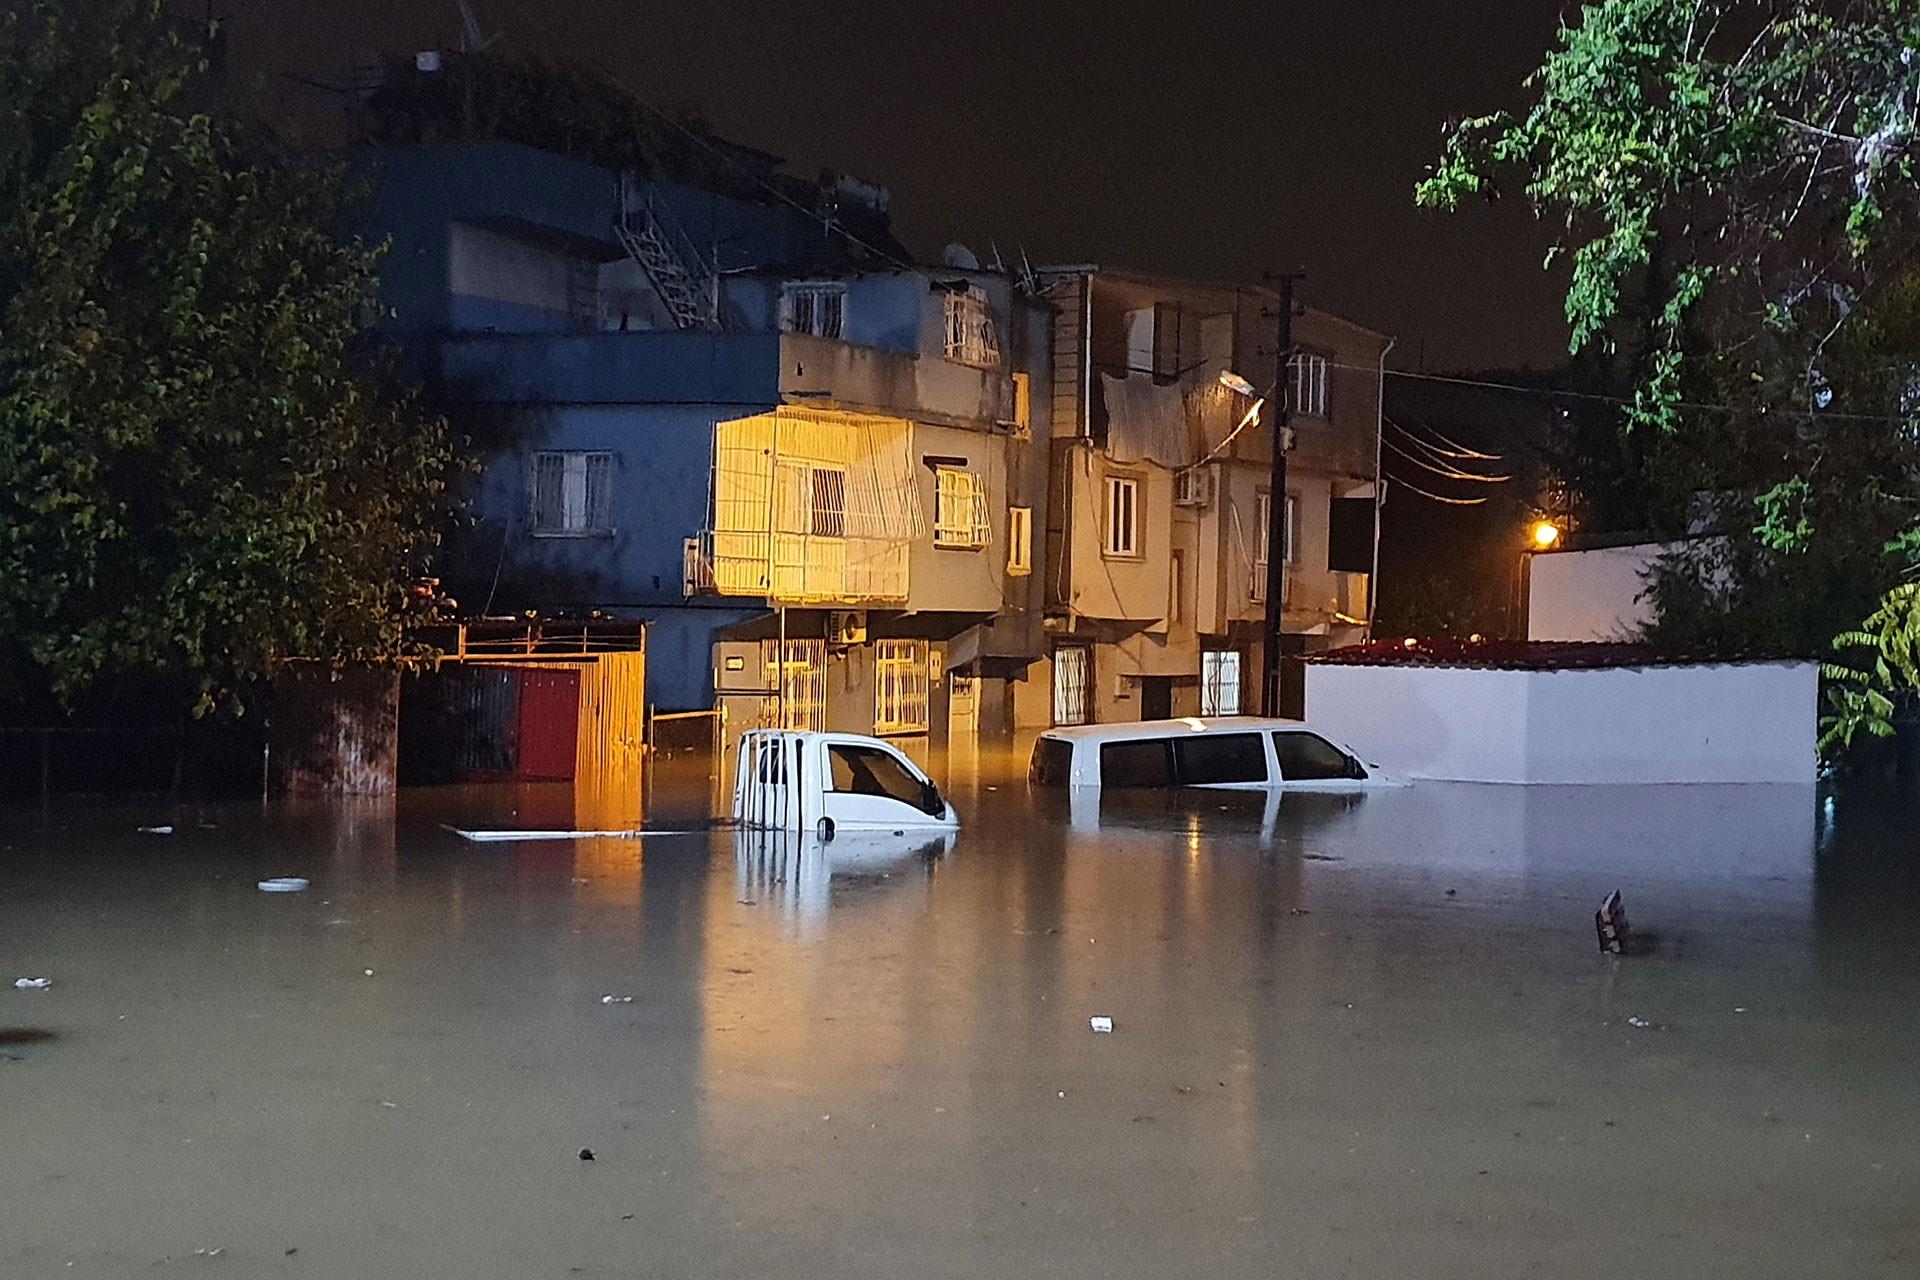 Sağanak nedeniyle göle dönen sokaklarda arabalar su altında kaldı